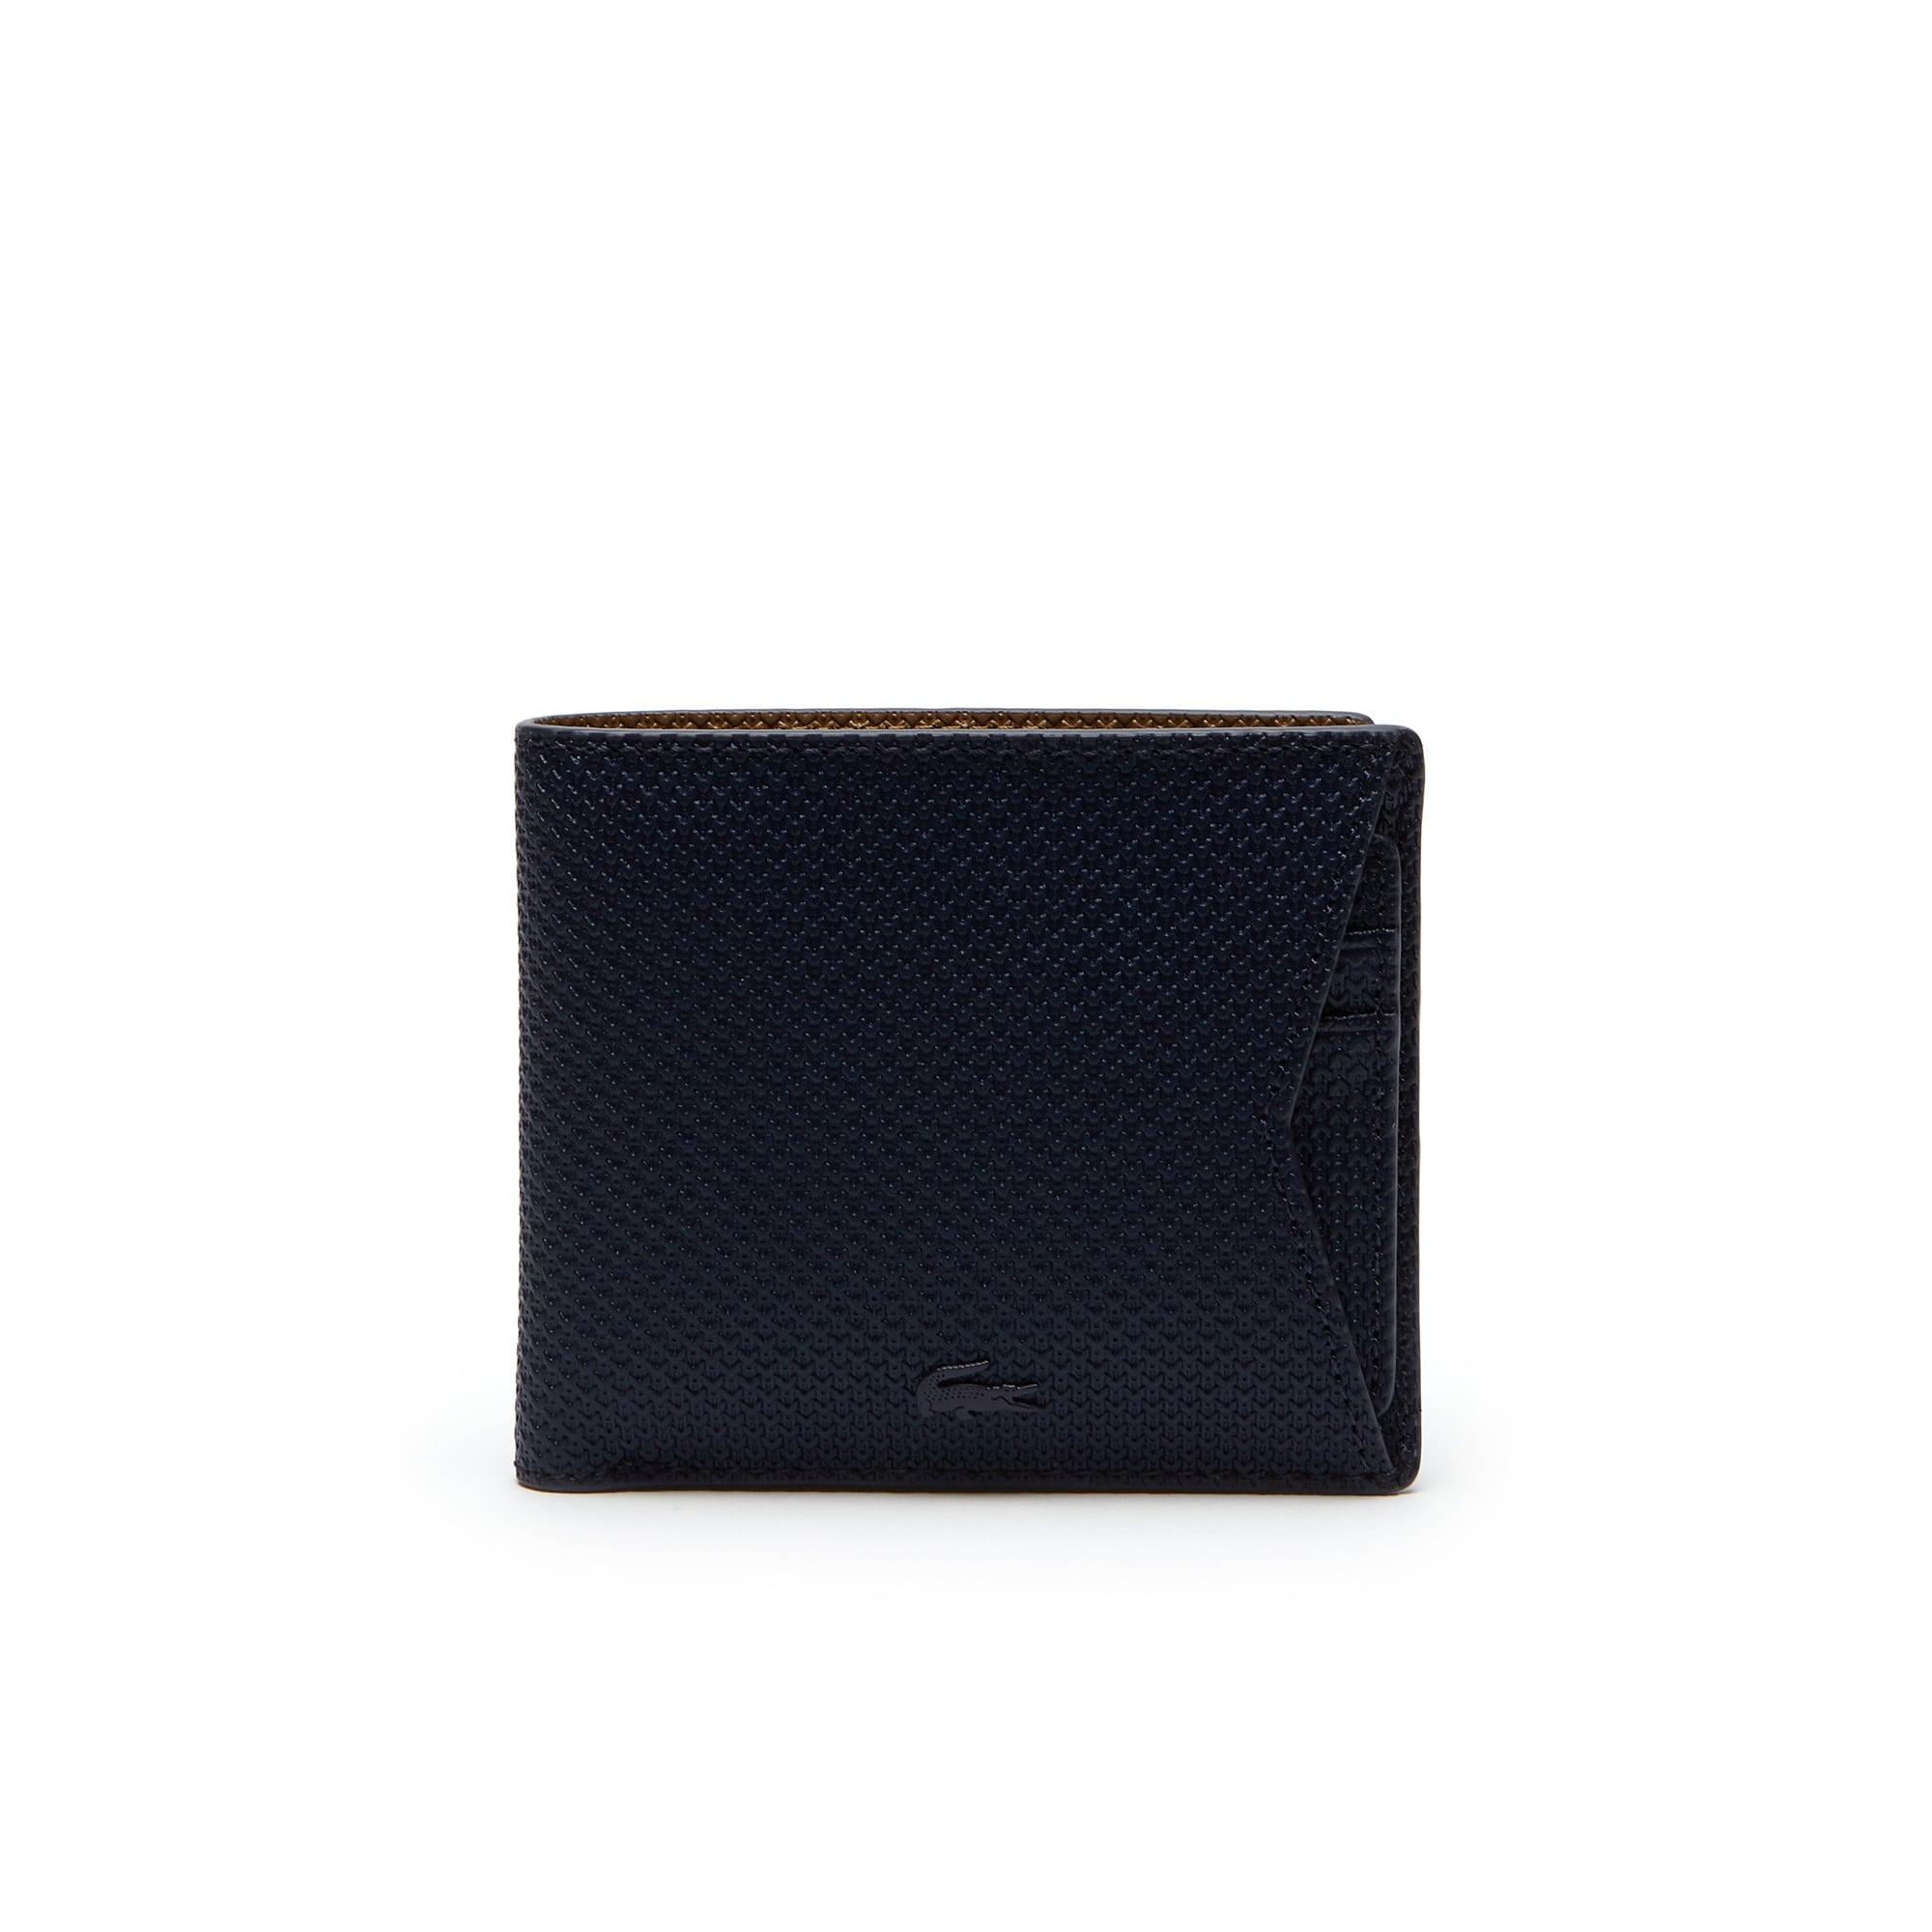 Chantaco portefeuille met monochrome leren buitenlaag met kartholder